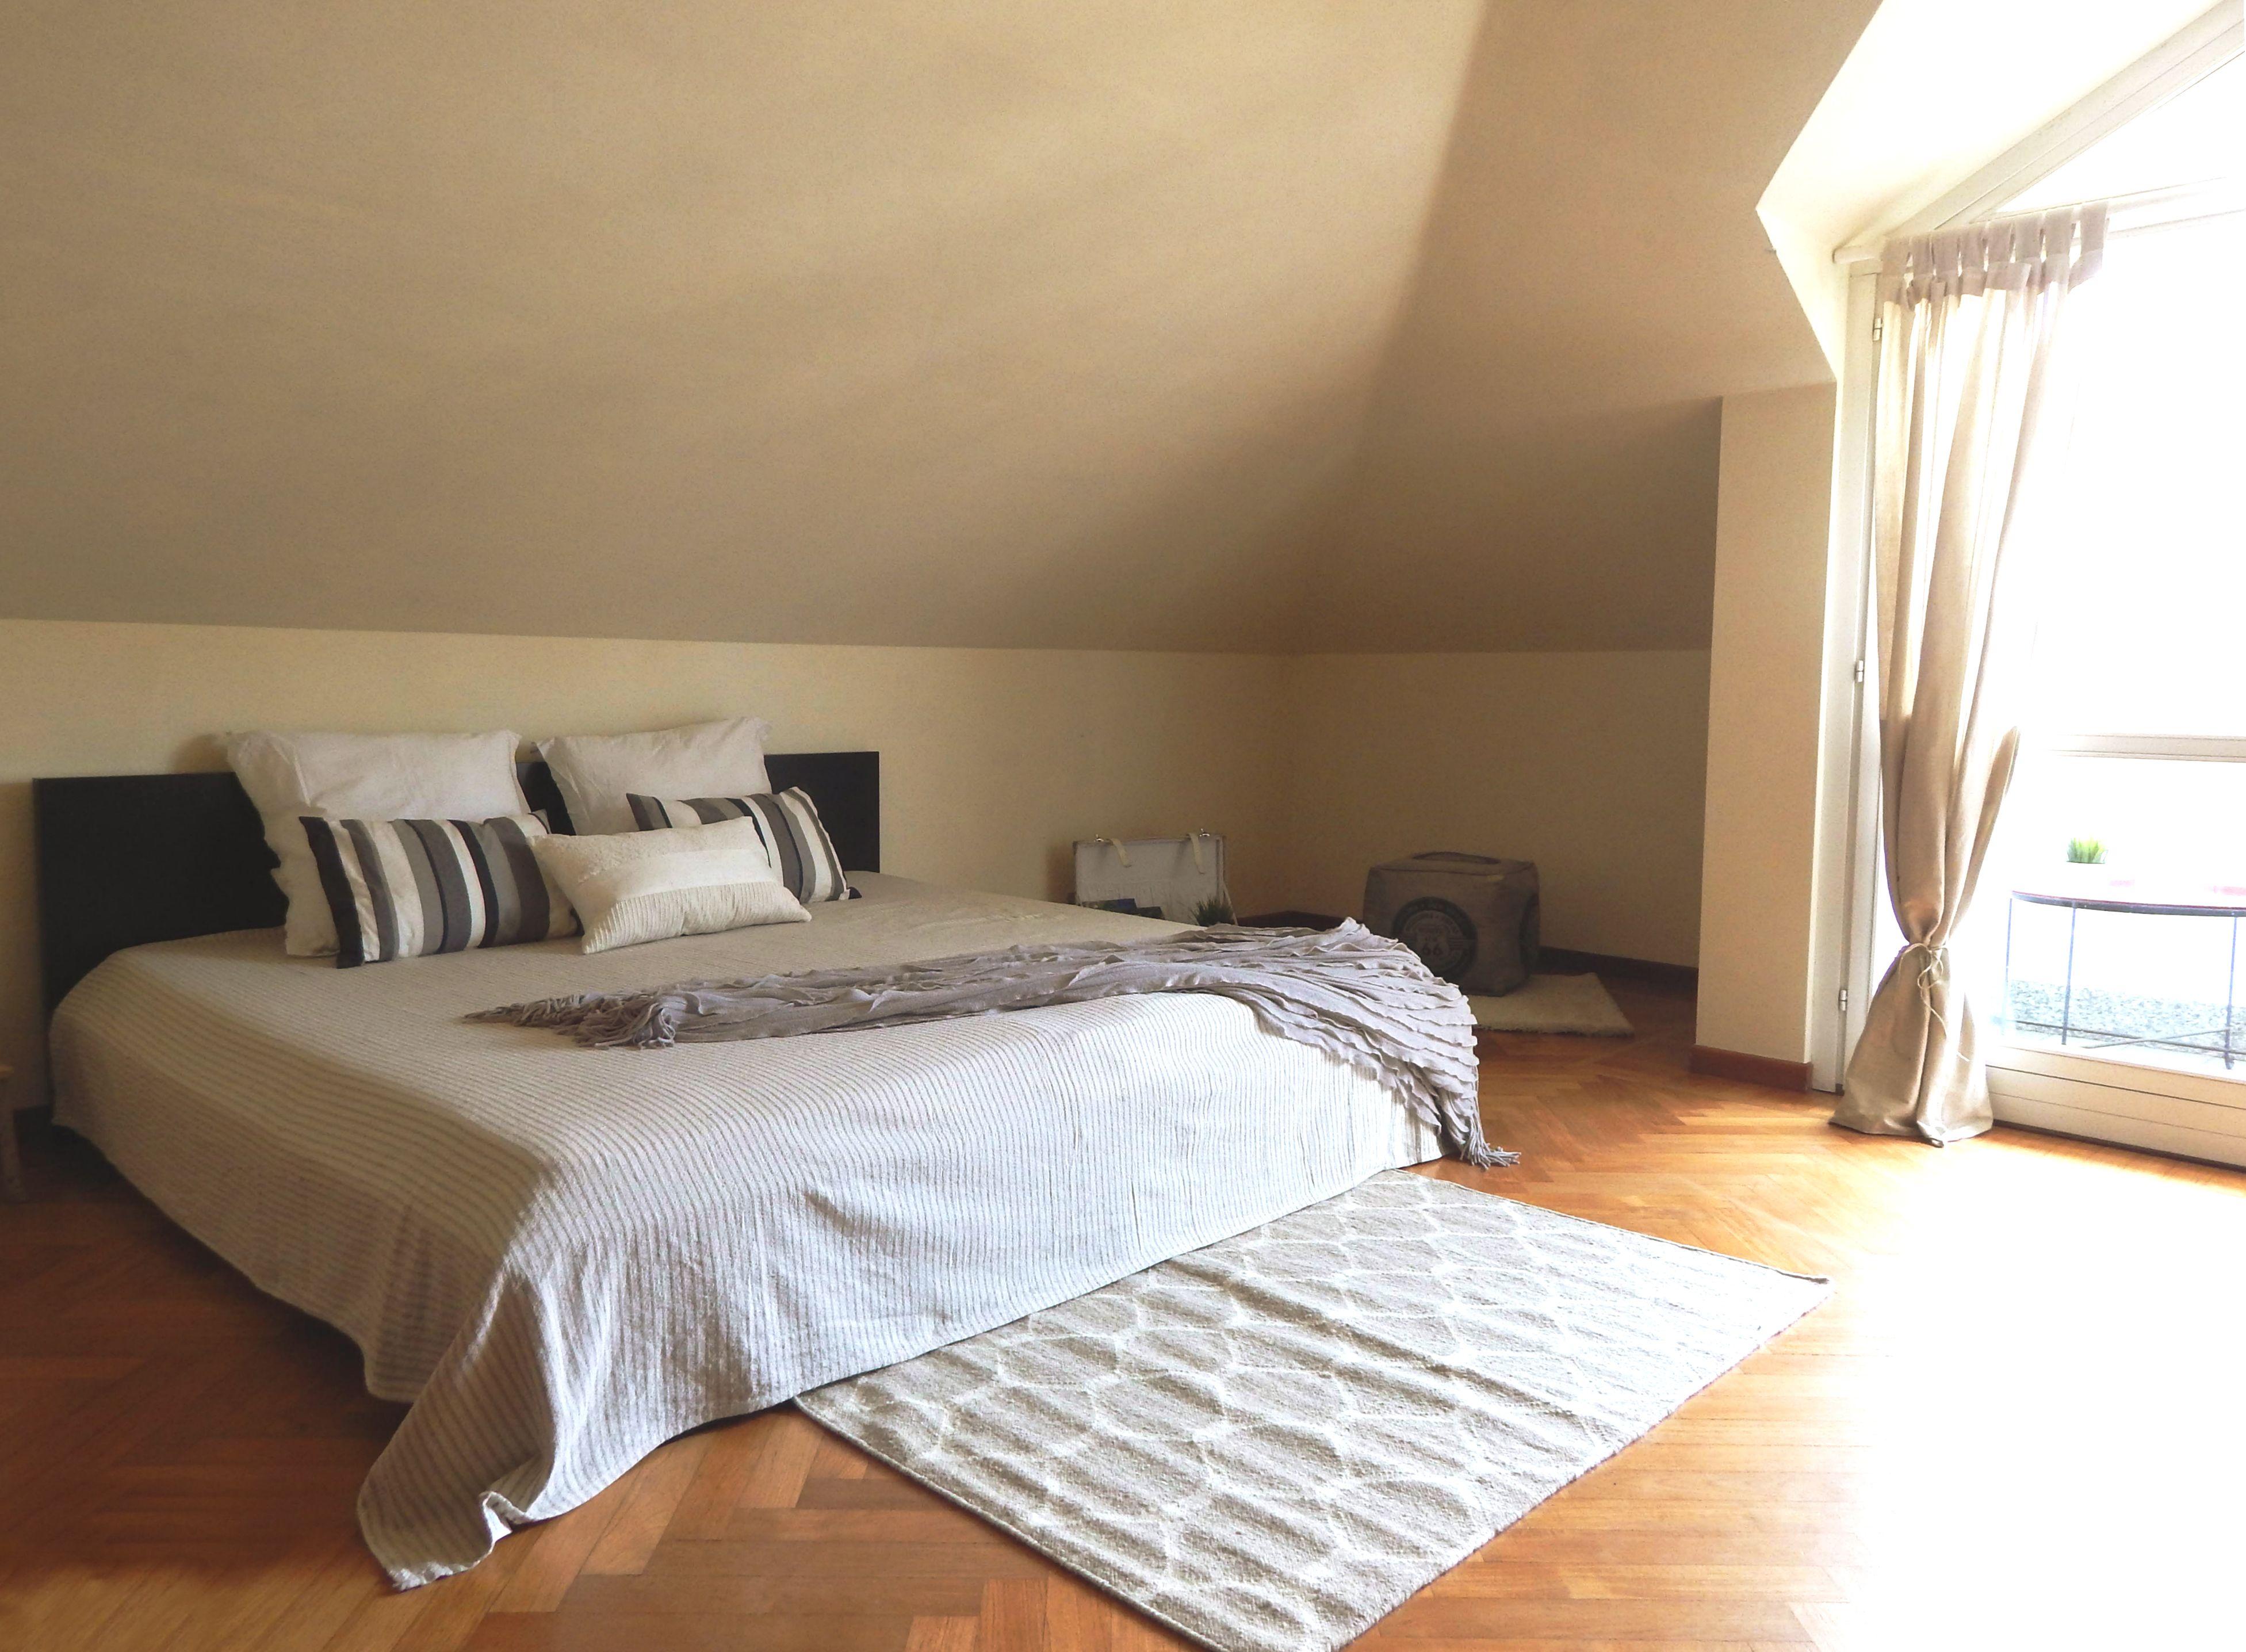 Monolocali In Vendita A Parigi allestimento per immobile in vendita torino - prima e dopo